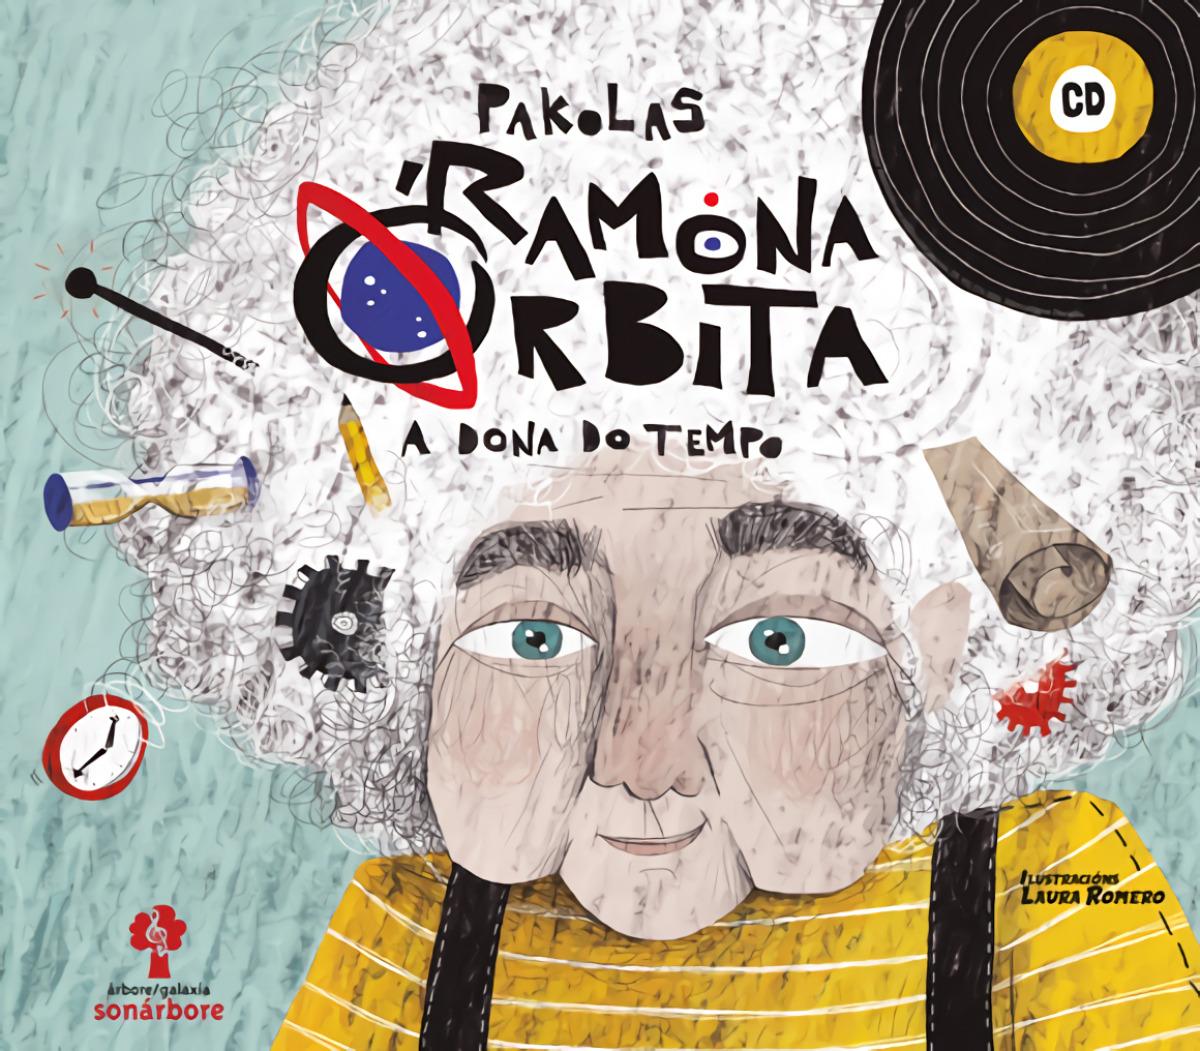 Ramona Obita. A dona do tempo